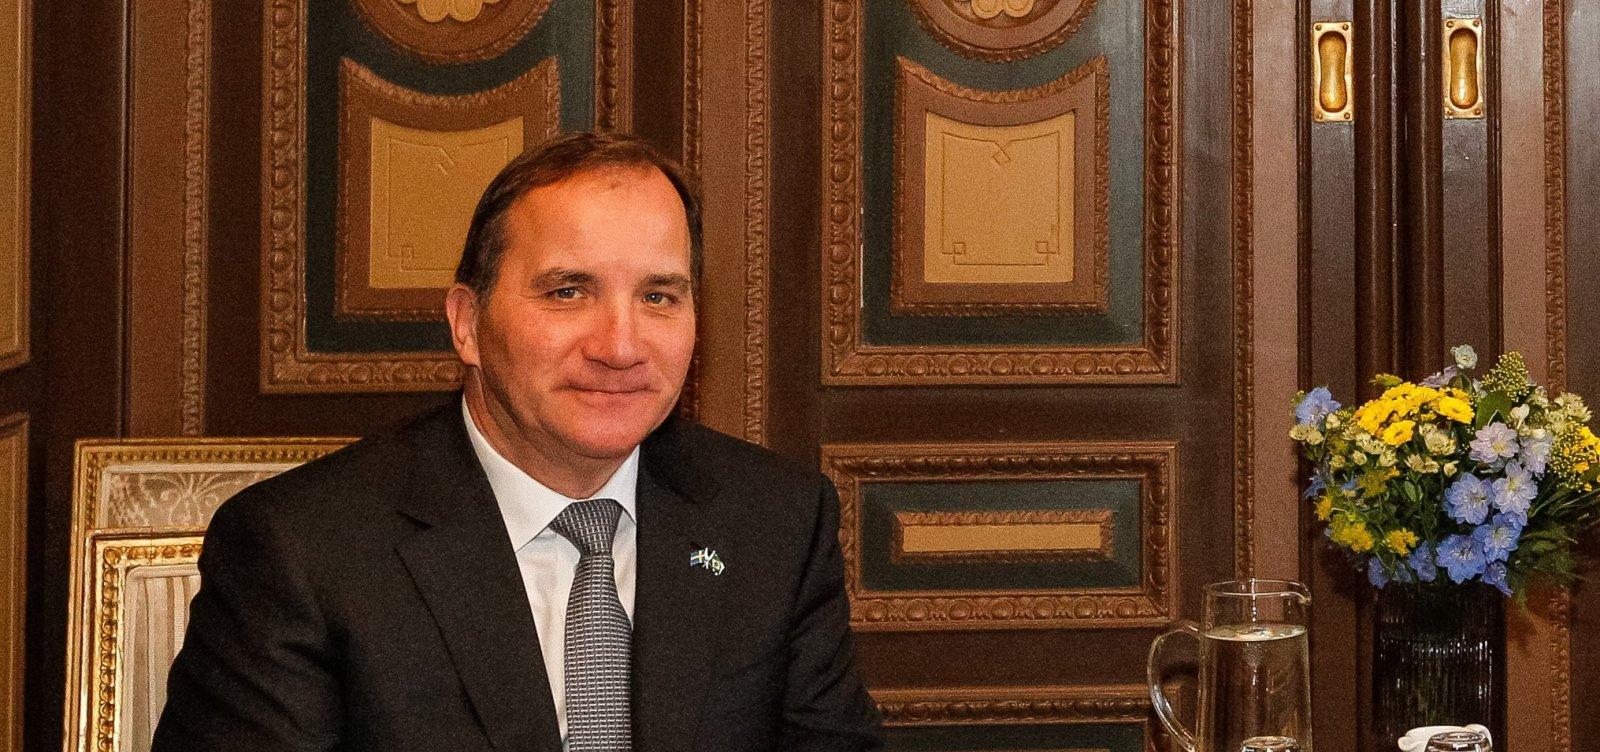 [Antes 'inspiração' para Bolsonaro, Suécia adota agora medidas mais rígidas contra Covid-19]